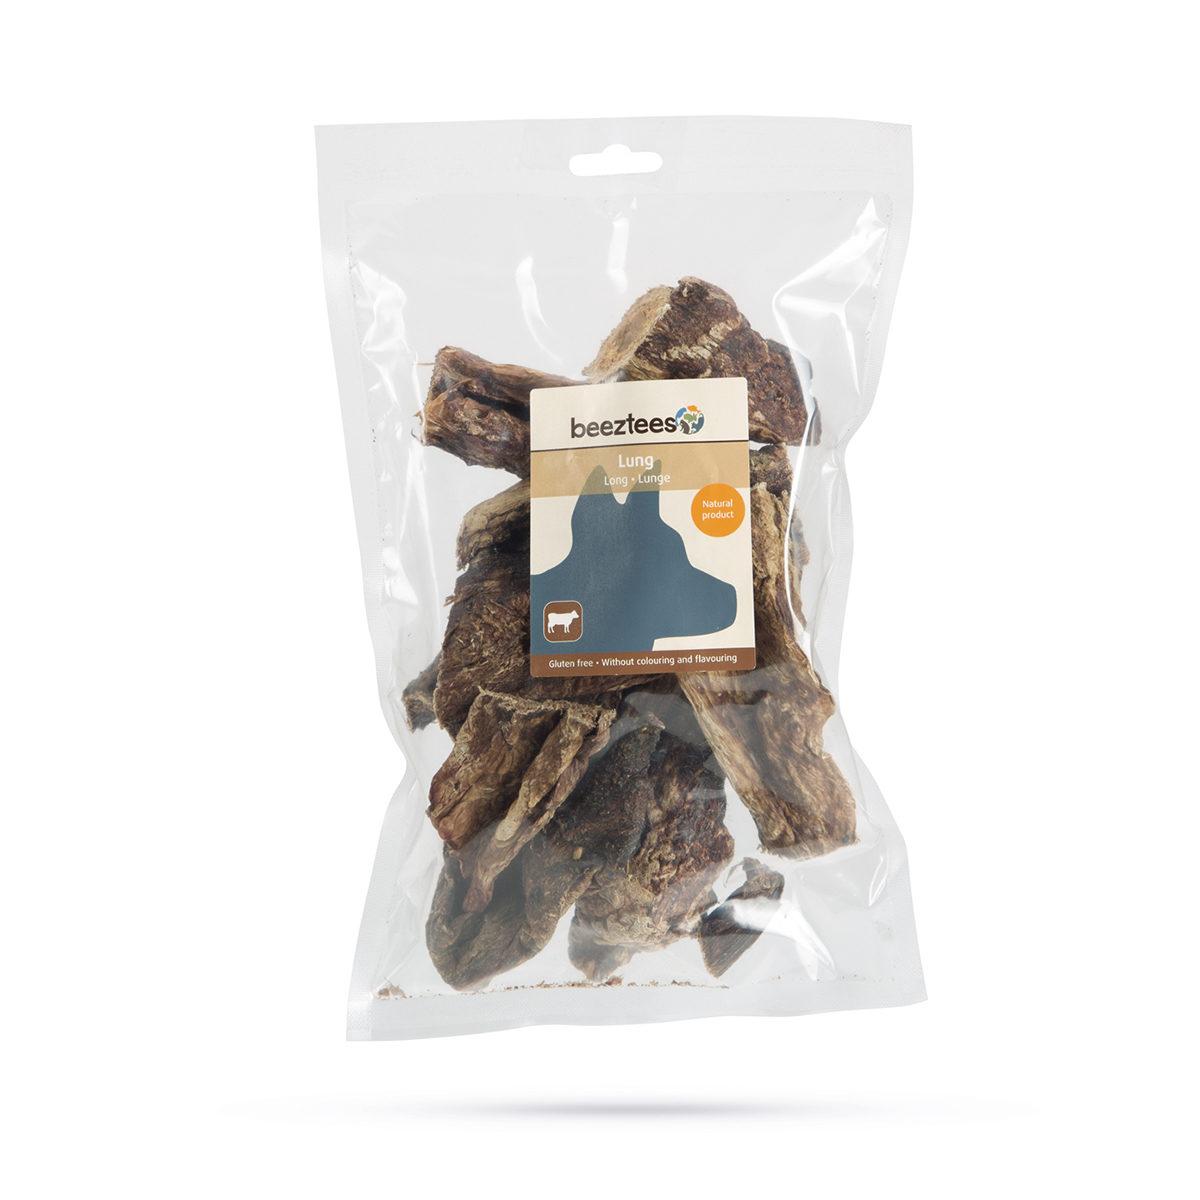 Beeztees Hondensnack Long Zakje 150 gr - in Snacks